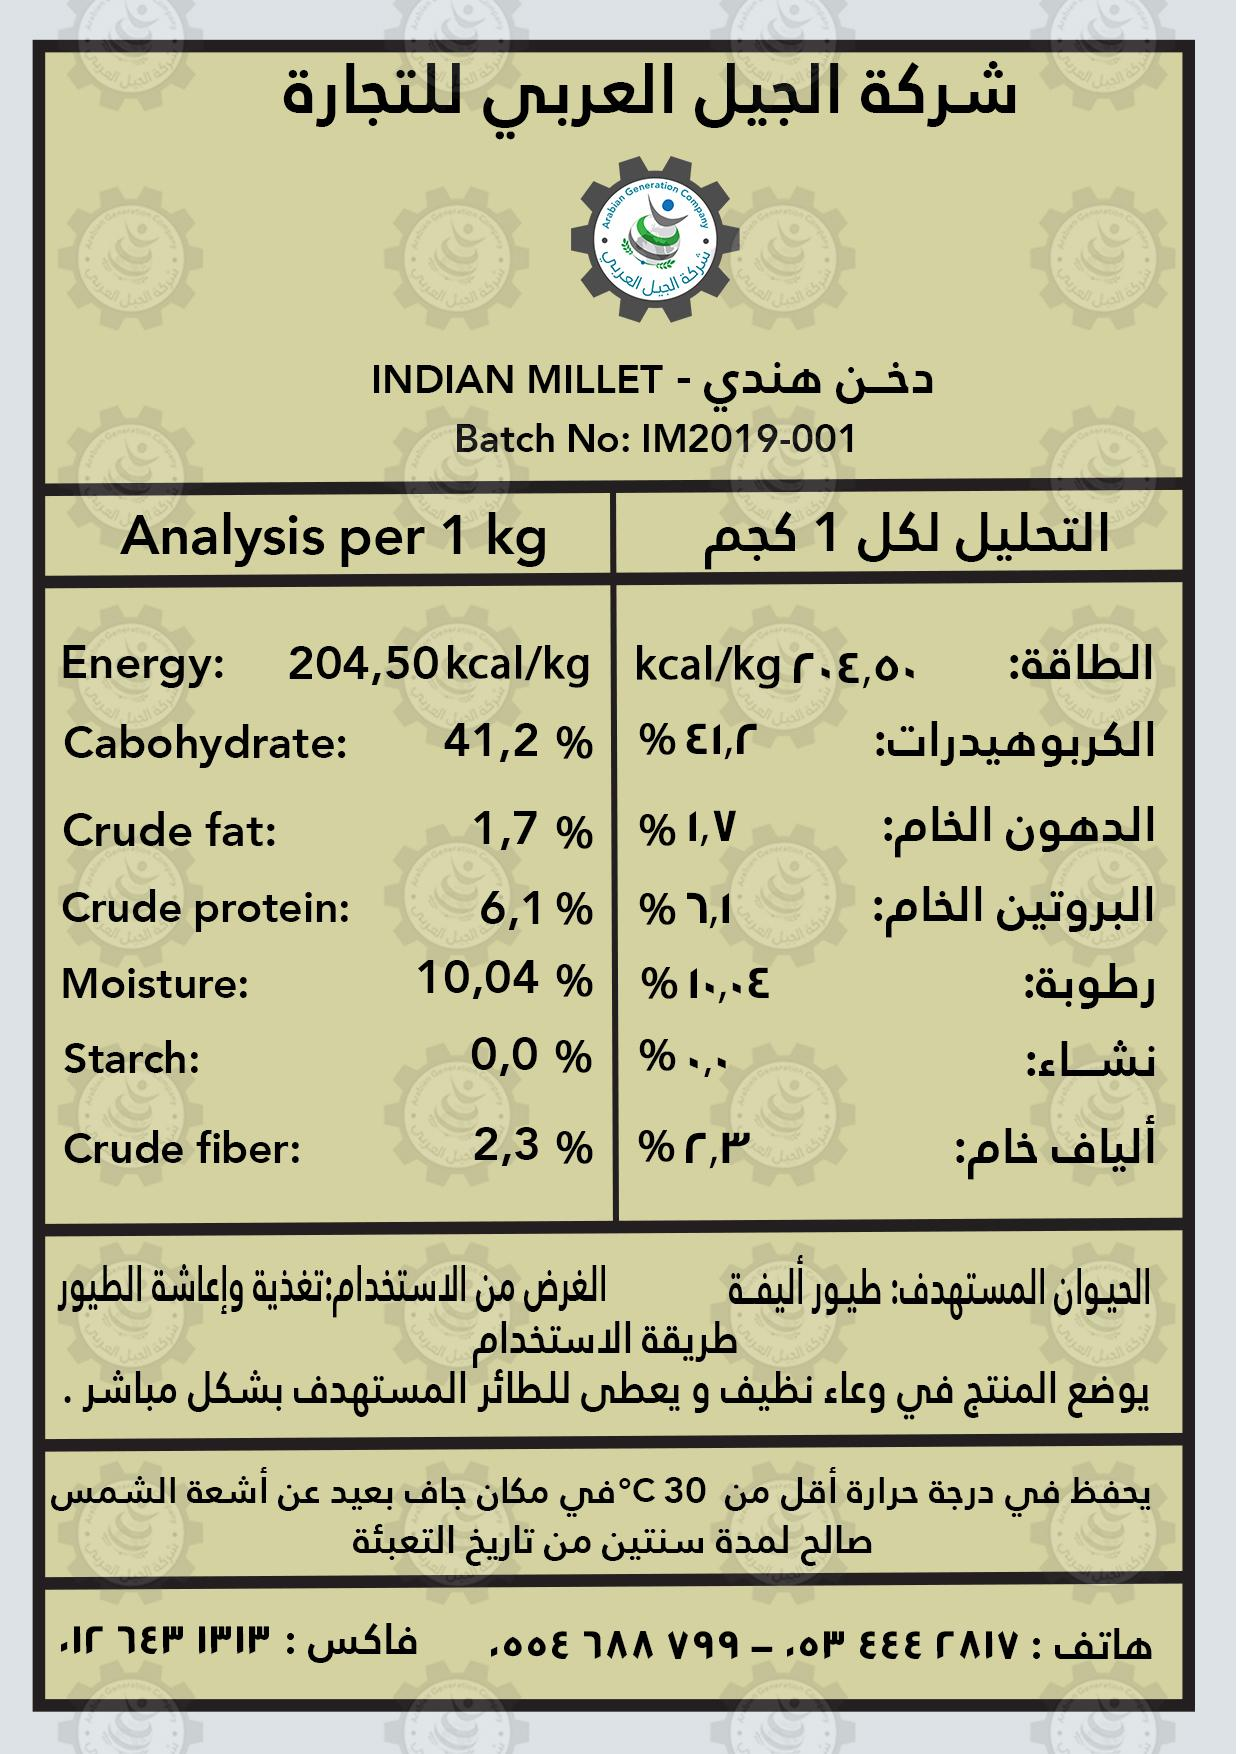 أعلاف ومحاصيل شـركة الجيل العربي d.php?hash=UUZYFWR6Y